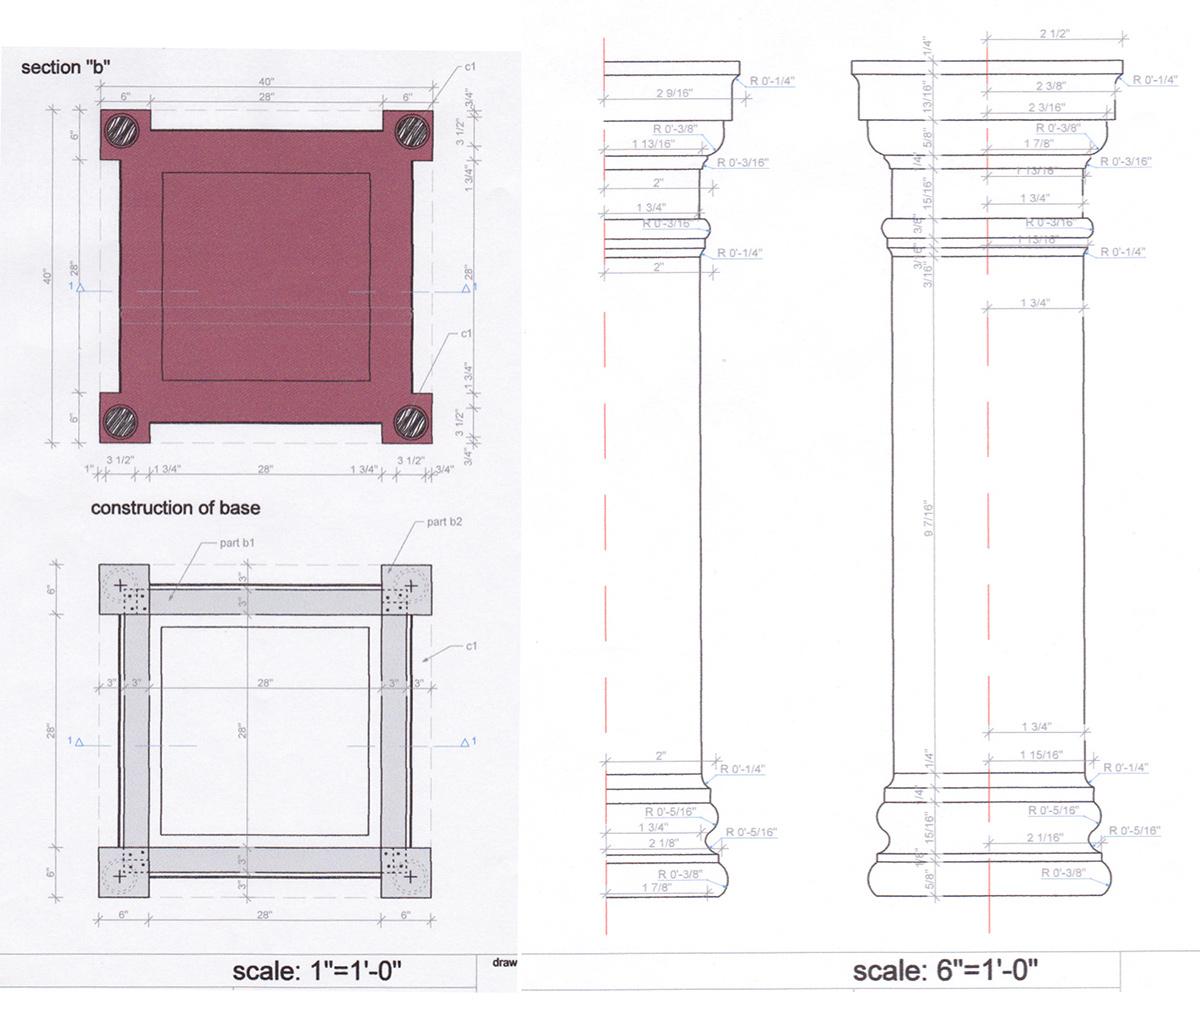 coffee_table_cad_drawings.jpg